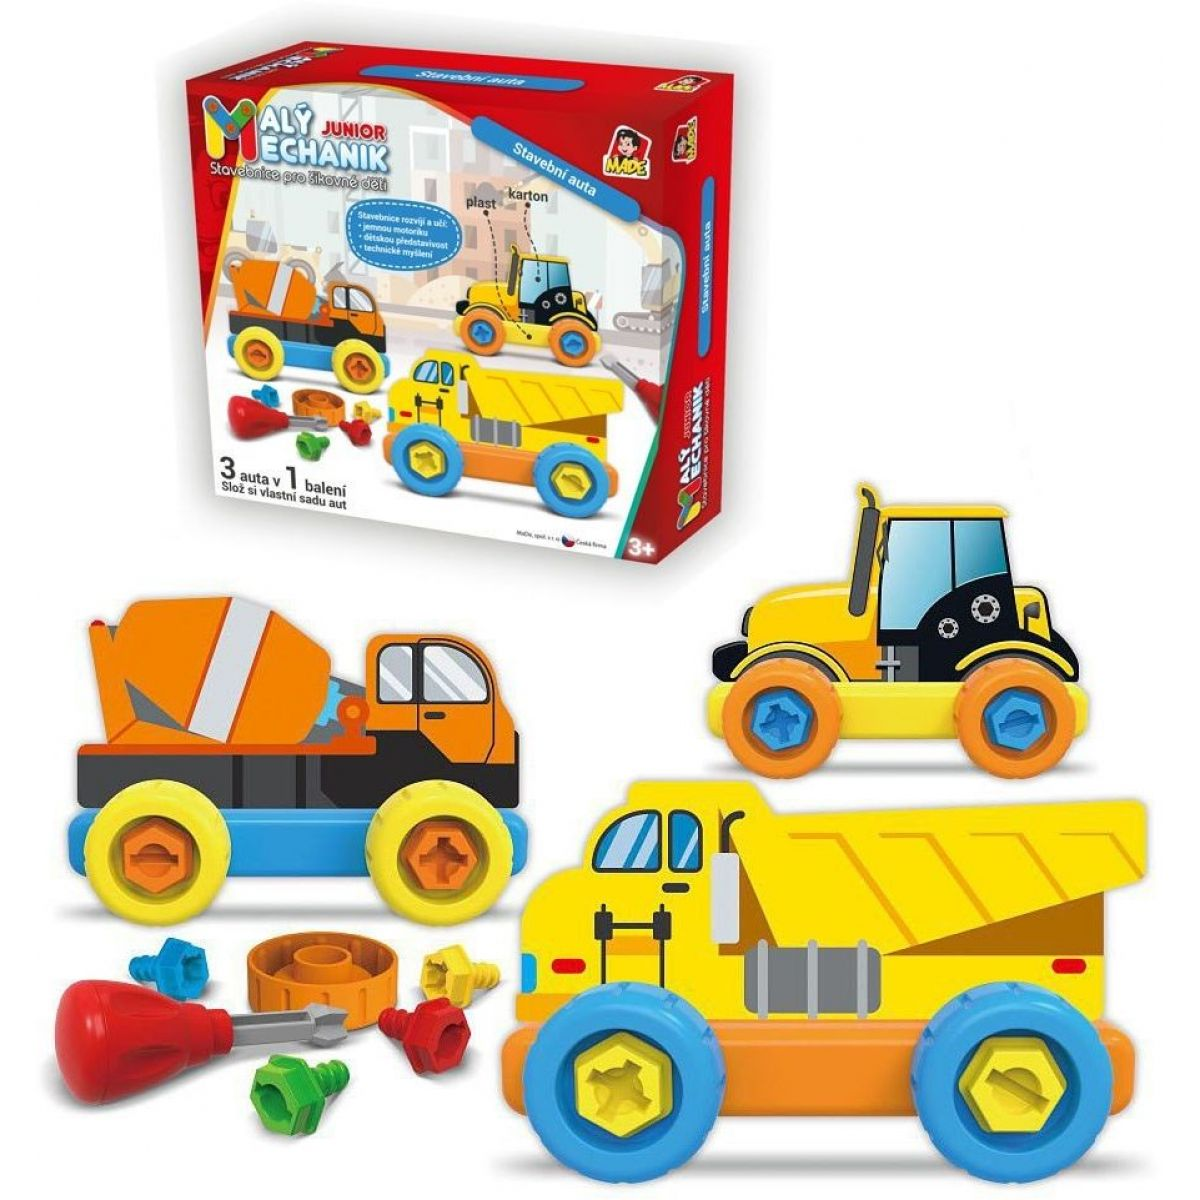 Malý mechanik plastový Junior stavební auta